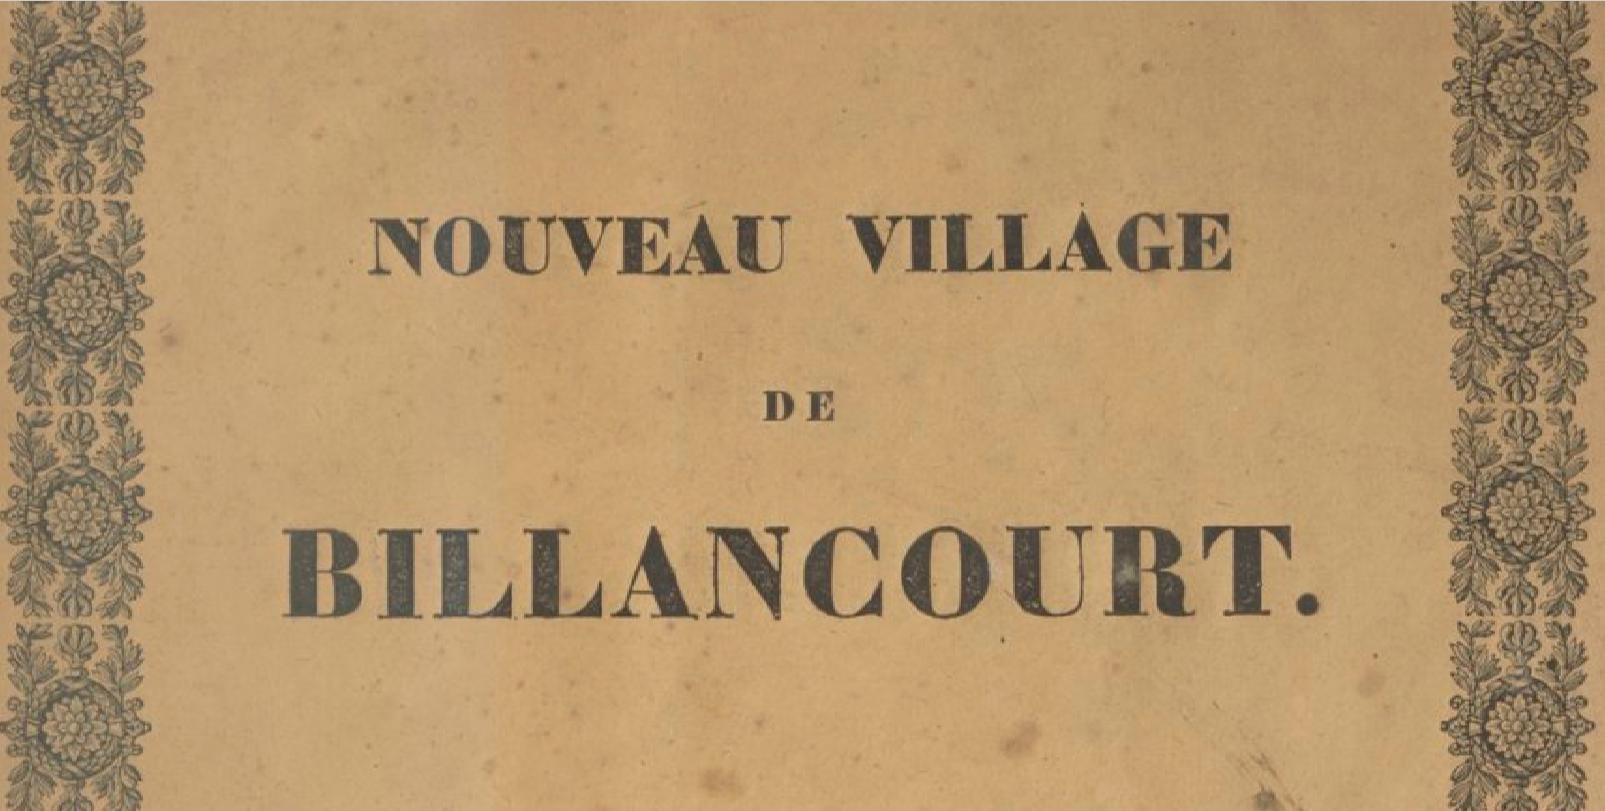 """Extrait du """"Nouveau Village de Billancourt""""."""